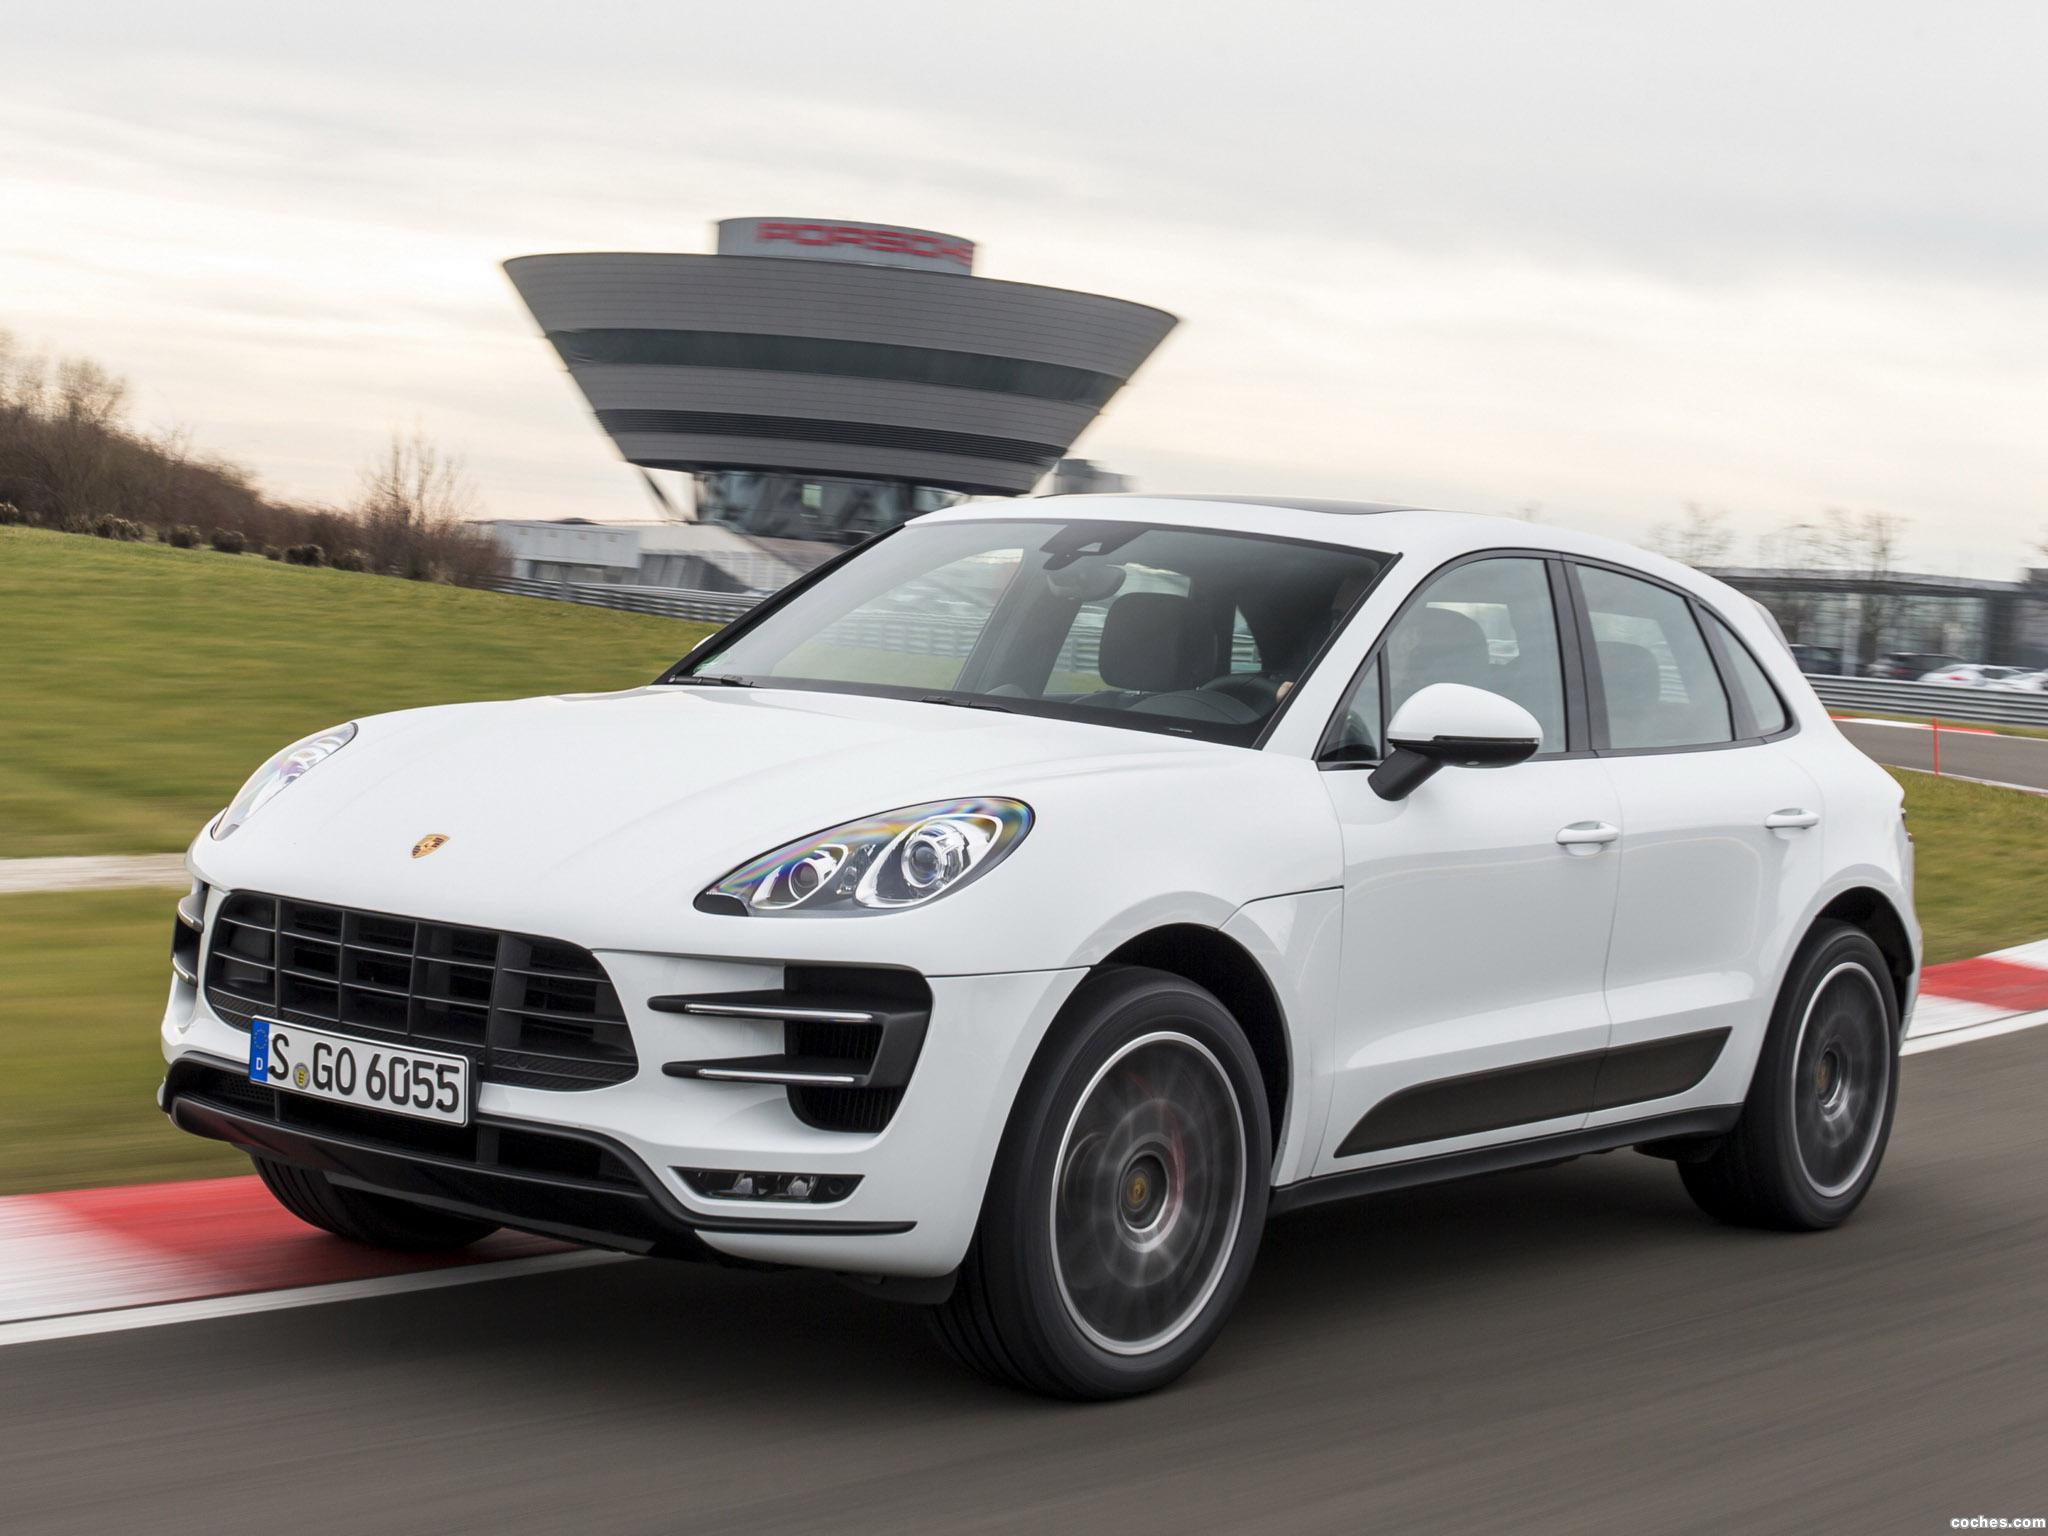 Foto 0 de Porsche Macan Turbo 2014